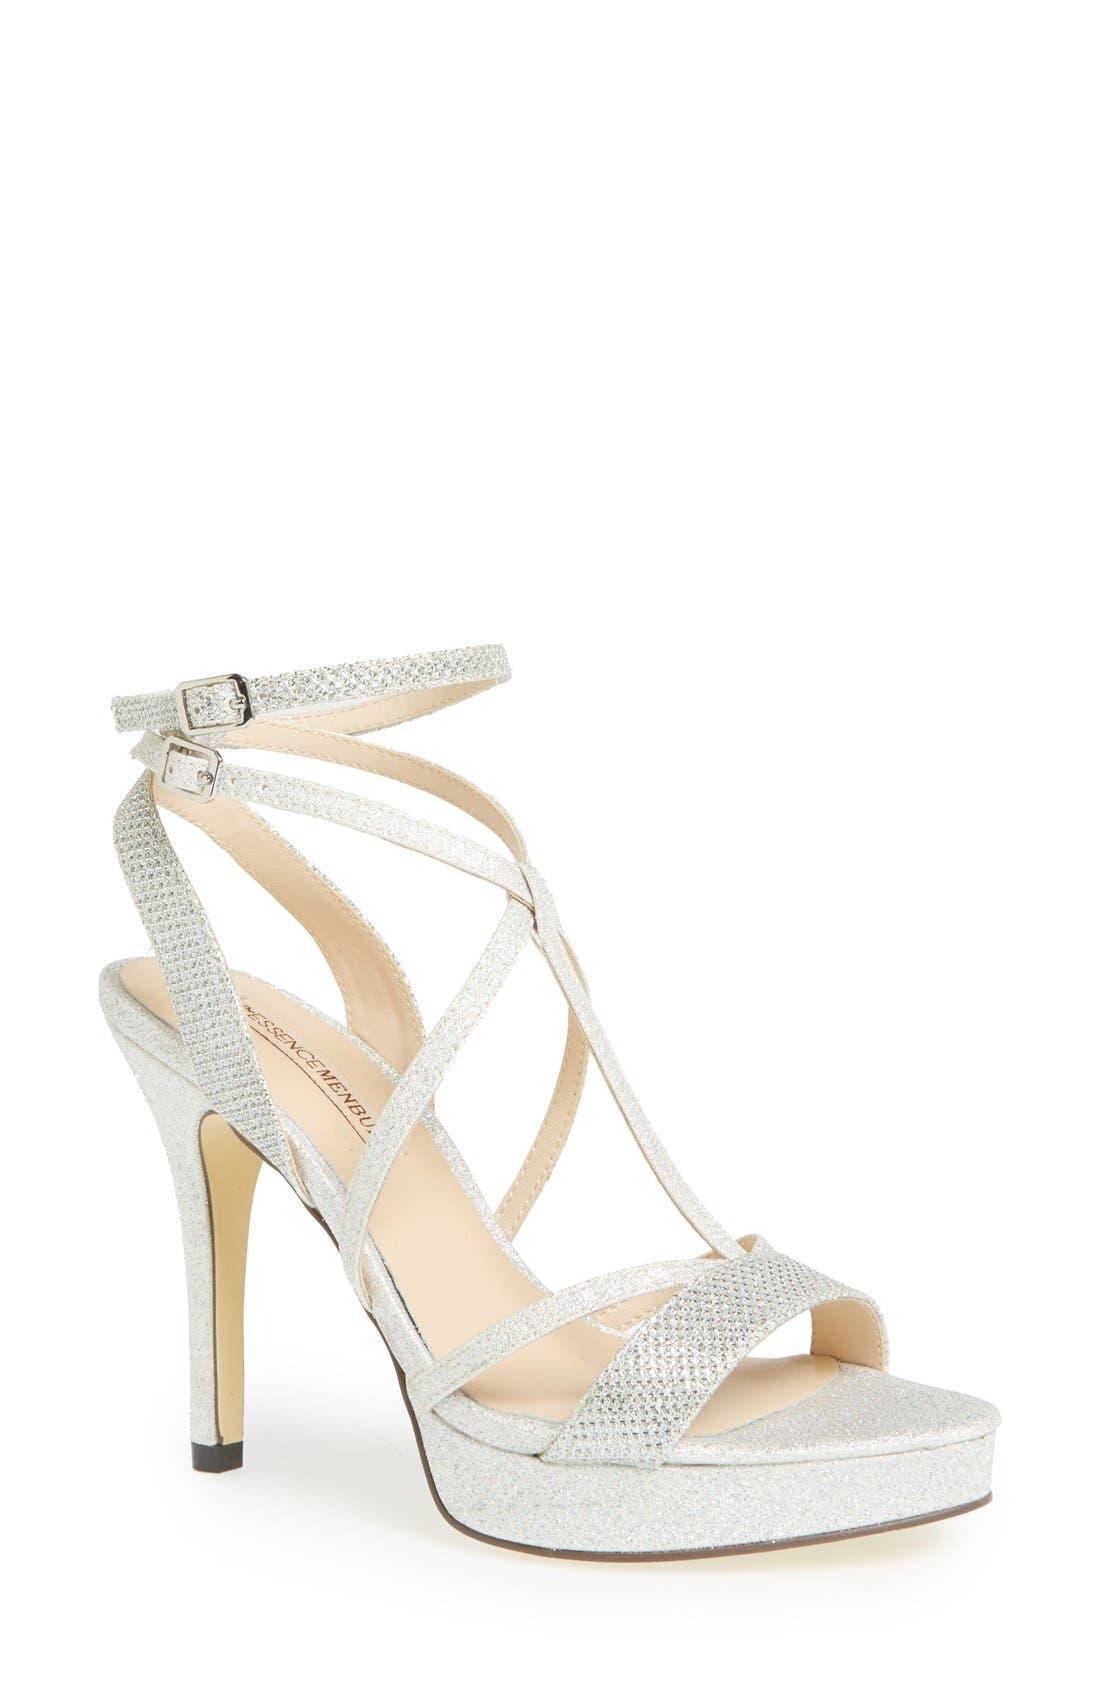 Alternate Image 1 Selected - Menbur 'Algar' Glitter Platform Sandal (Women)